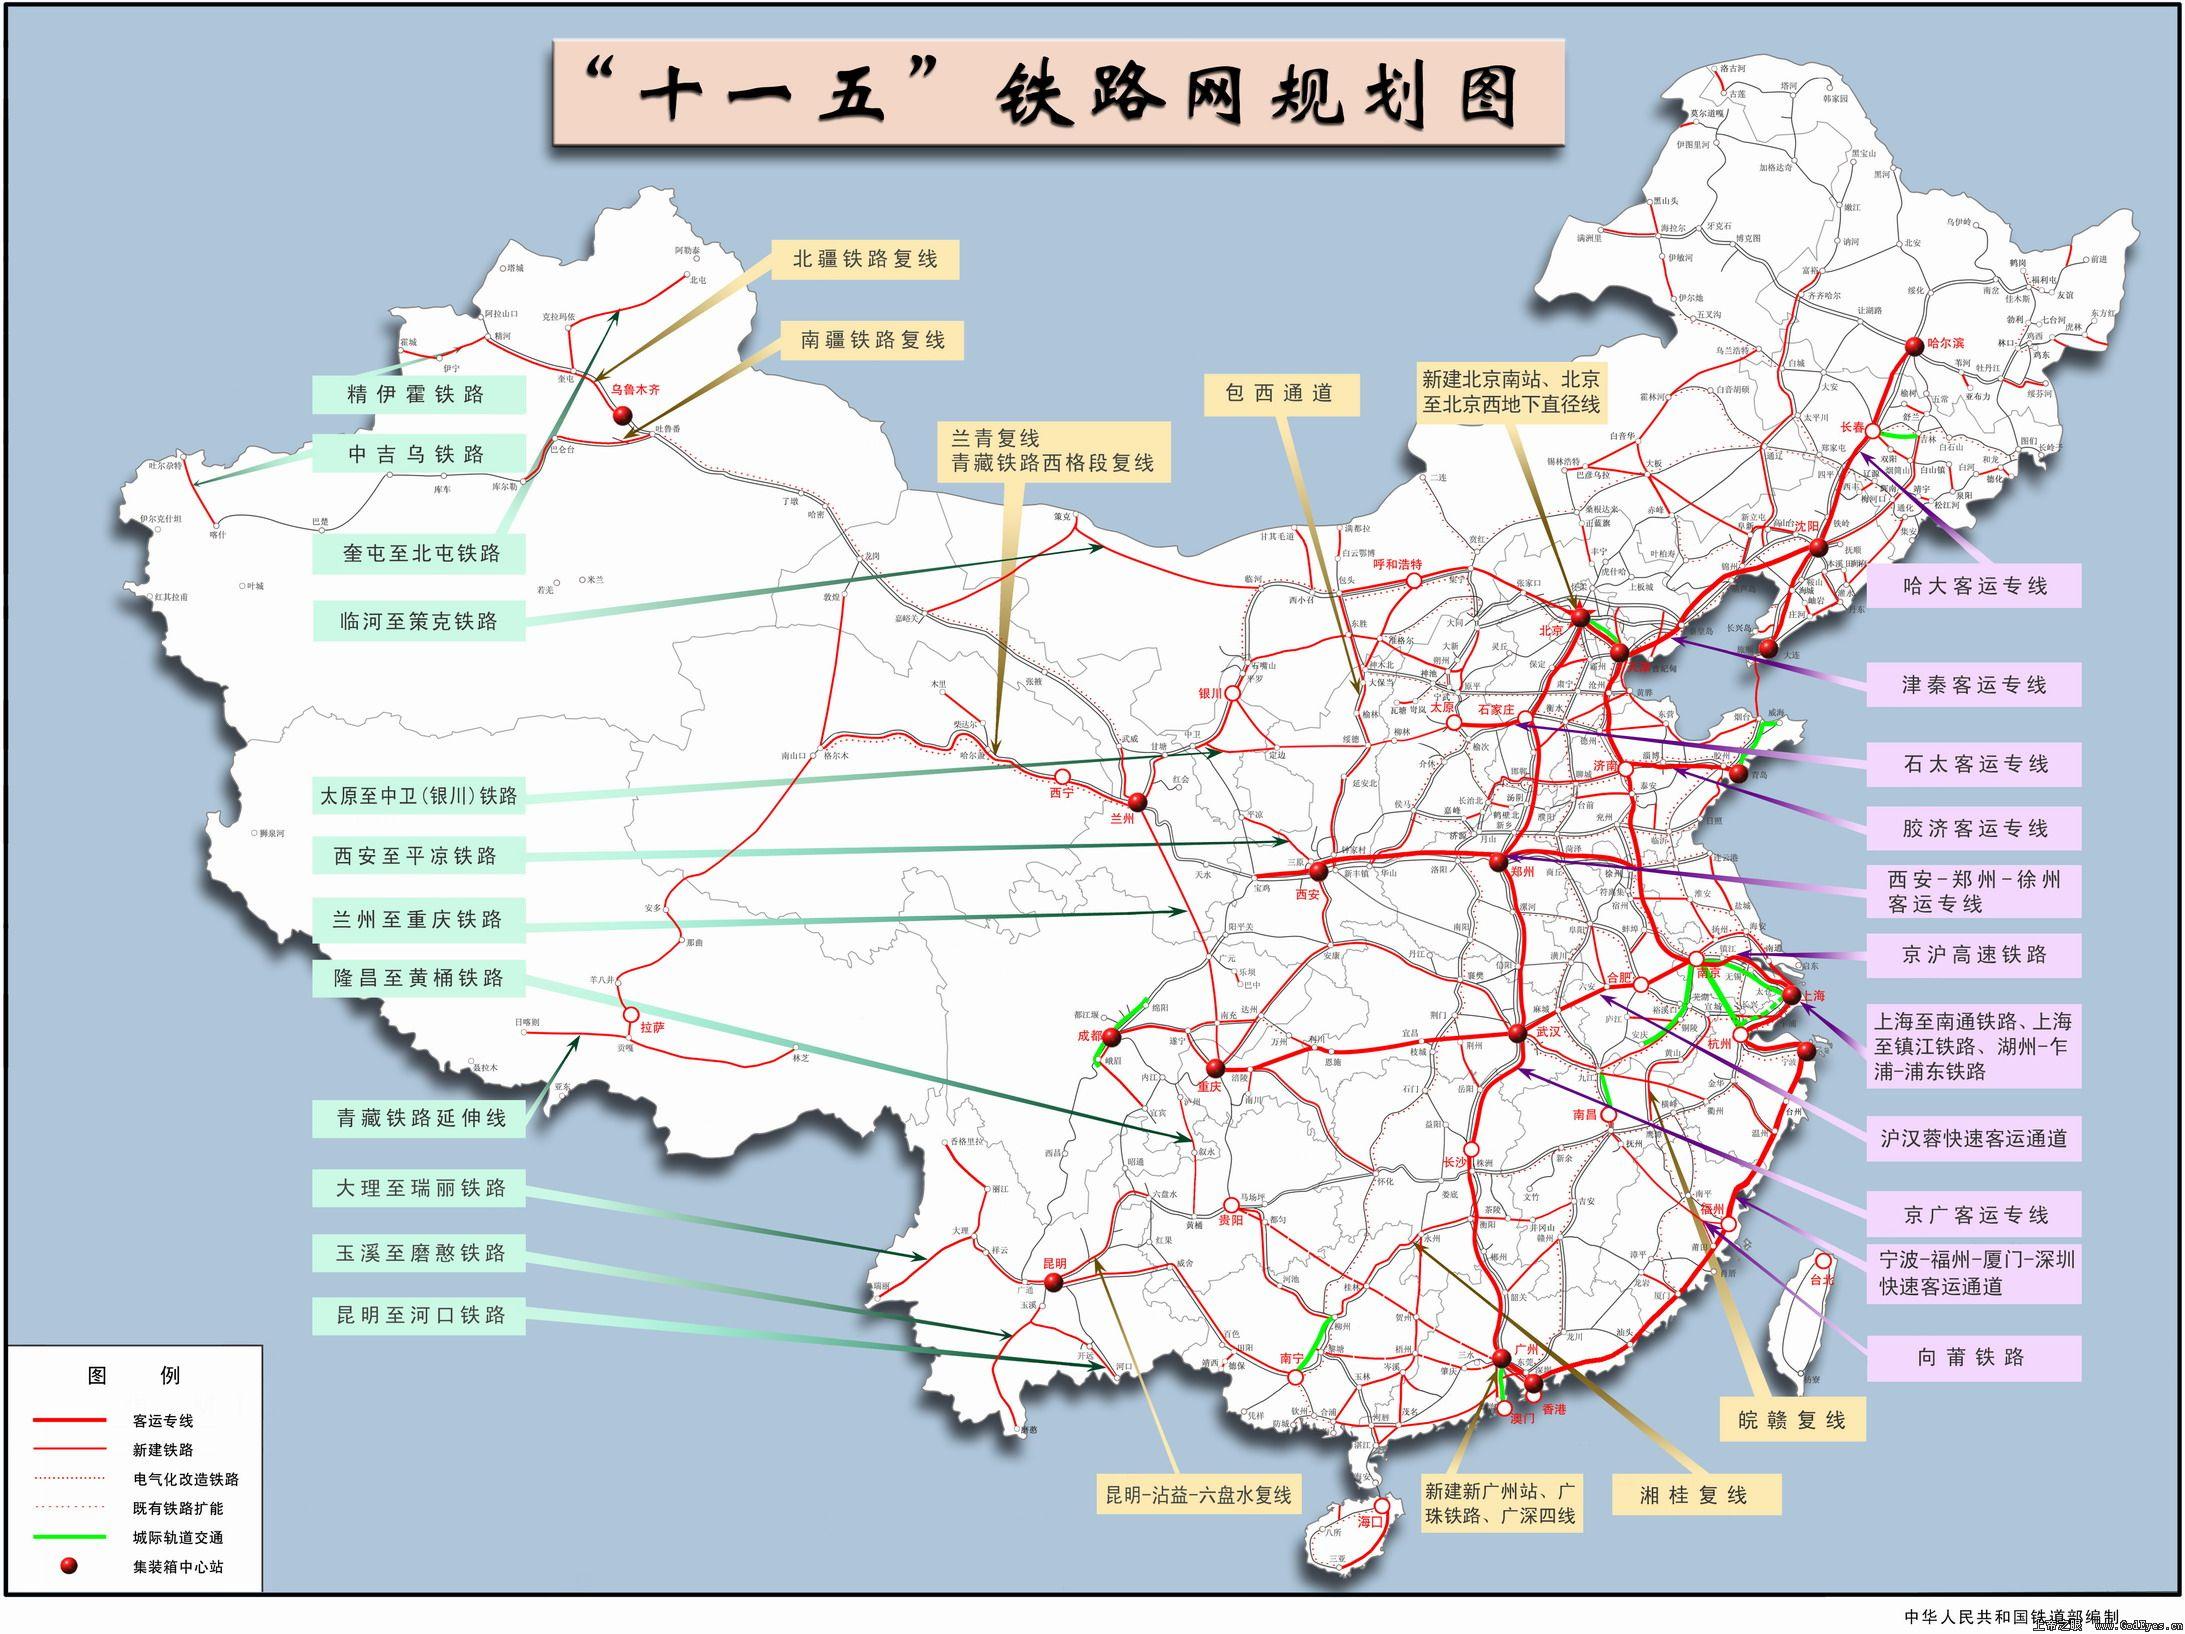 2011年1月11日,全国列车运行图将会进行调整,太中银铁路(太原、中卫、银川)、包西铁路复线(包头西安)、宜万铁路(宜昌东-重庆万州)正式投入运营。本次调图涉及的列车较多,新开行一批列车,部分列车的等级进行调整,本次调图的最大亮点是所有的跨局快速列车全部调整为空调列车,原有的8次非空调快速全部更换车底。太中银铁路全线通车后,从太原到银川只需5个小时,而且太中银铁路与石太客运专线相接,近而与京石客运专线相接,实现北京到银川8小时。 (一)、关于太中银铁路开通客运后列车运行图的调整。 本次调图,太中银铁路正